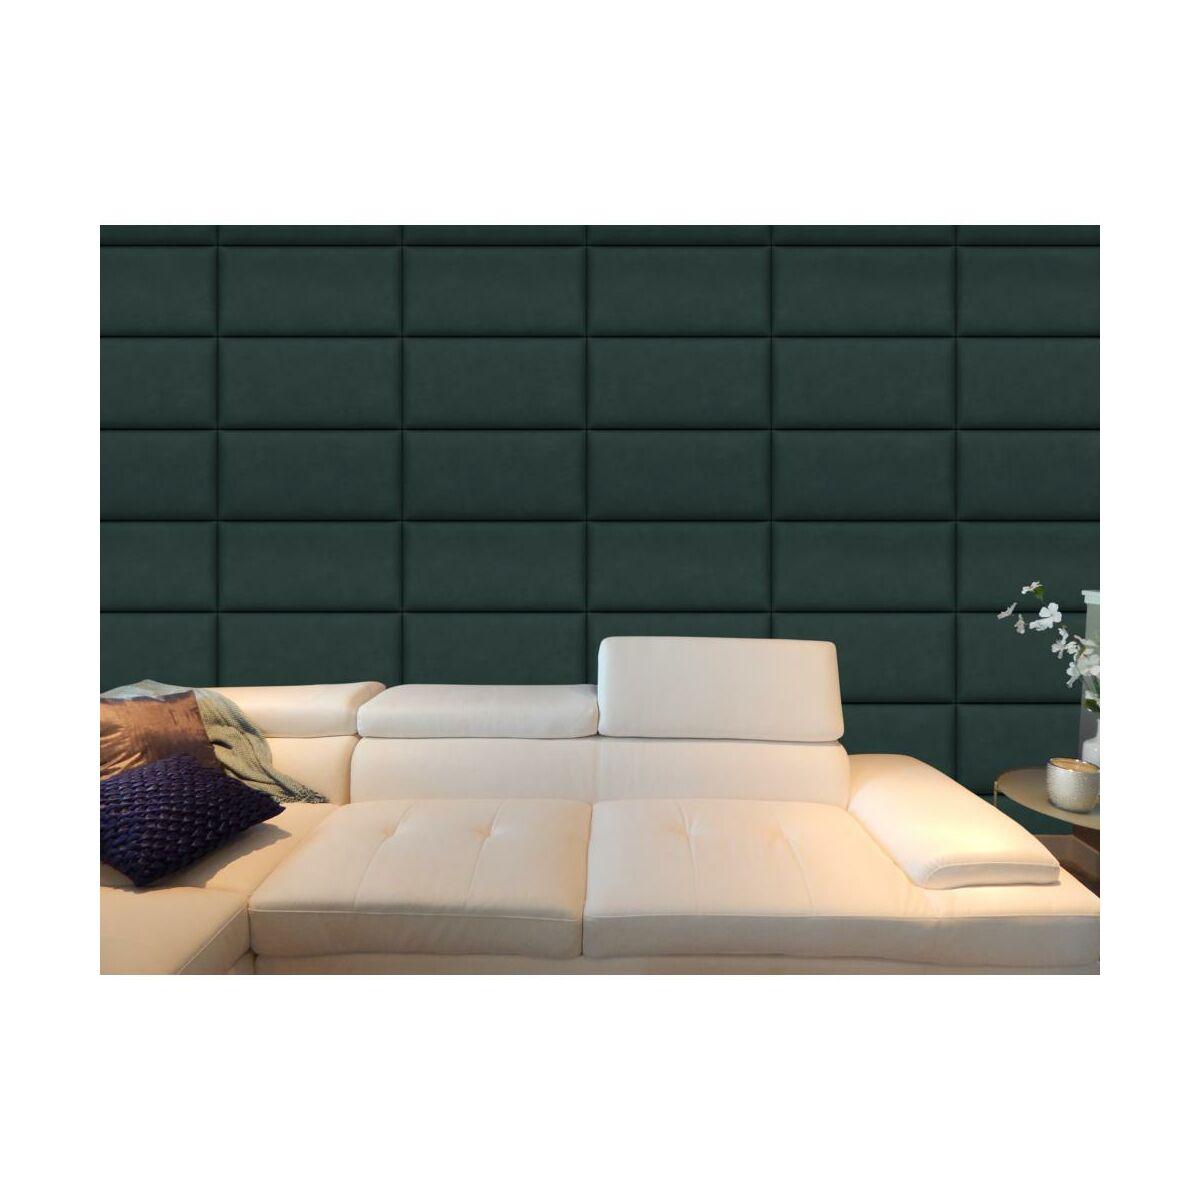 Panel Tapicerowany Ciemnozielony 60 X 30 Cm Panele Tapicerowane W Atrakcyjnej Cenie W Sklepach Leroy Merlin